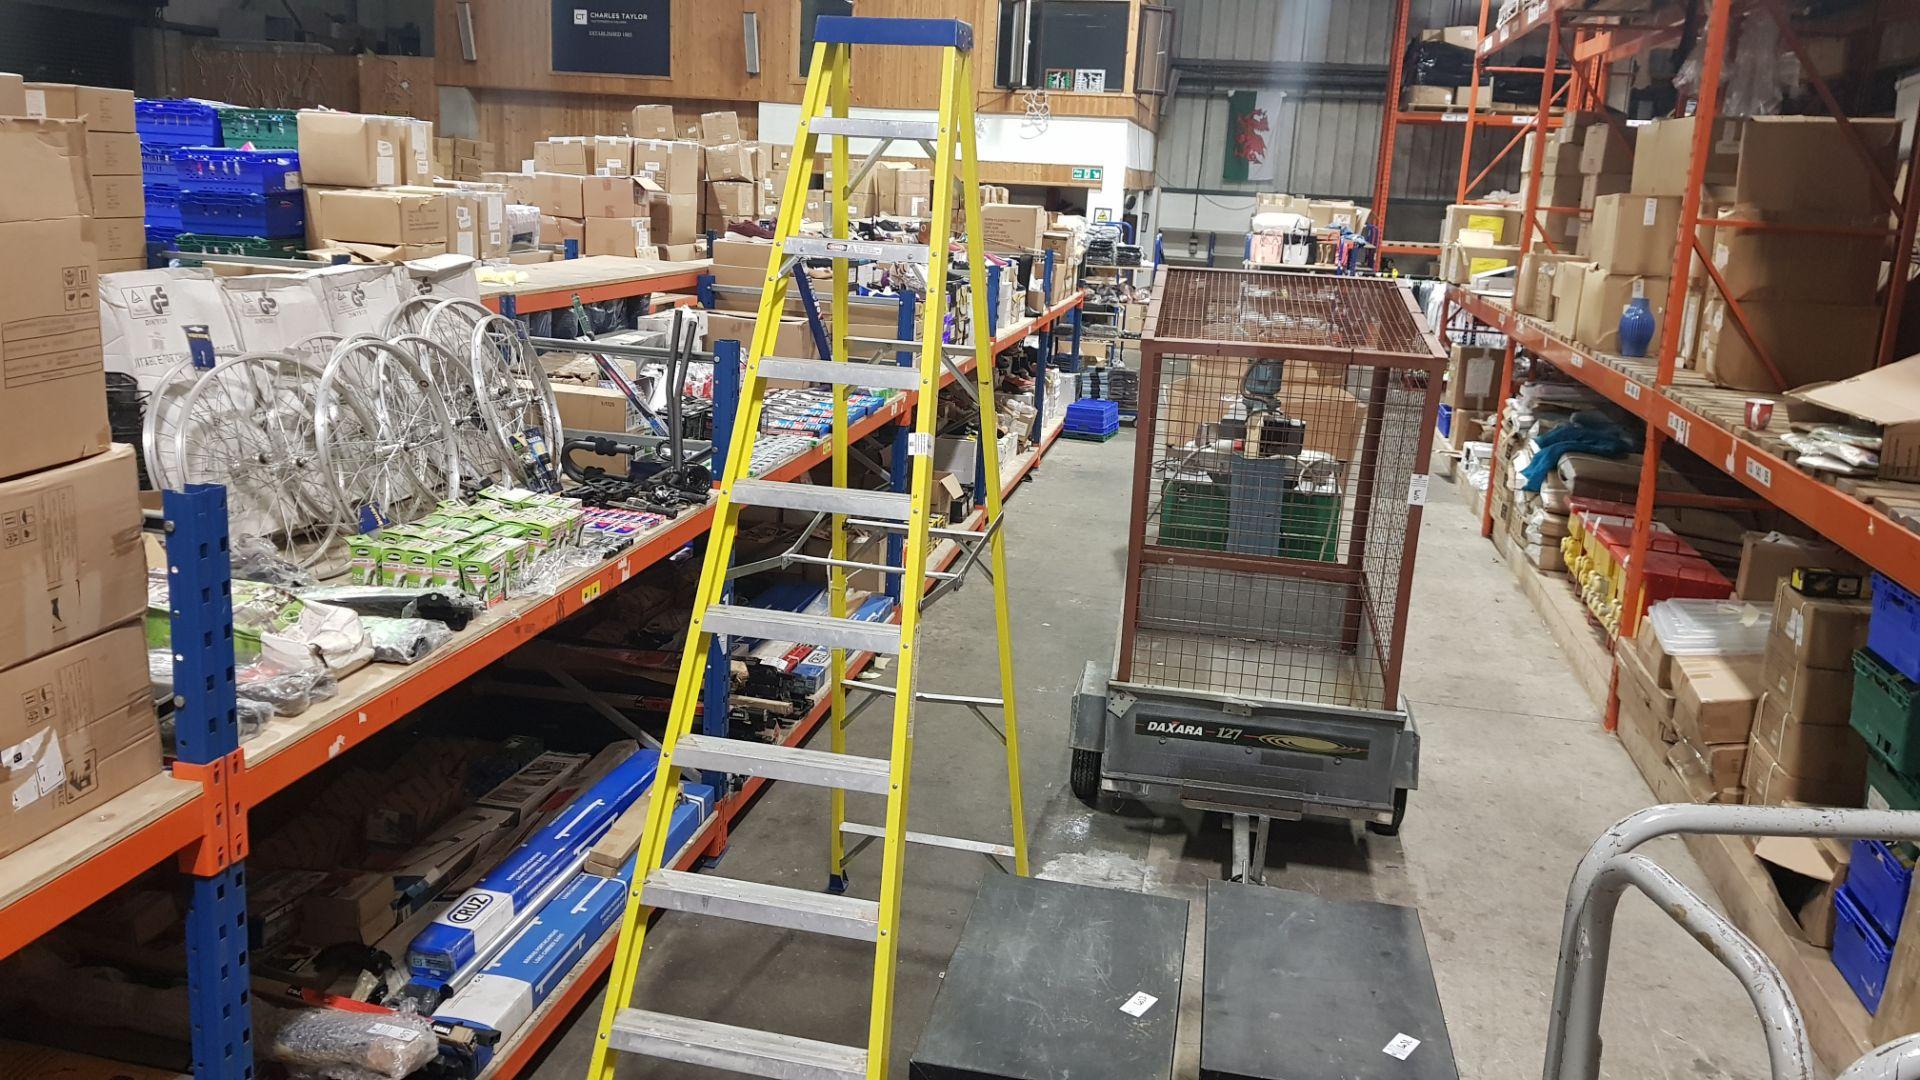 ENJEX FIBER GLASS STEP LADDERS (GX-SL10) MAXIMUM LOAD 150KG MAXIMIM STANDING HEIGHT 1.93M CLOSE UP